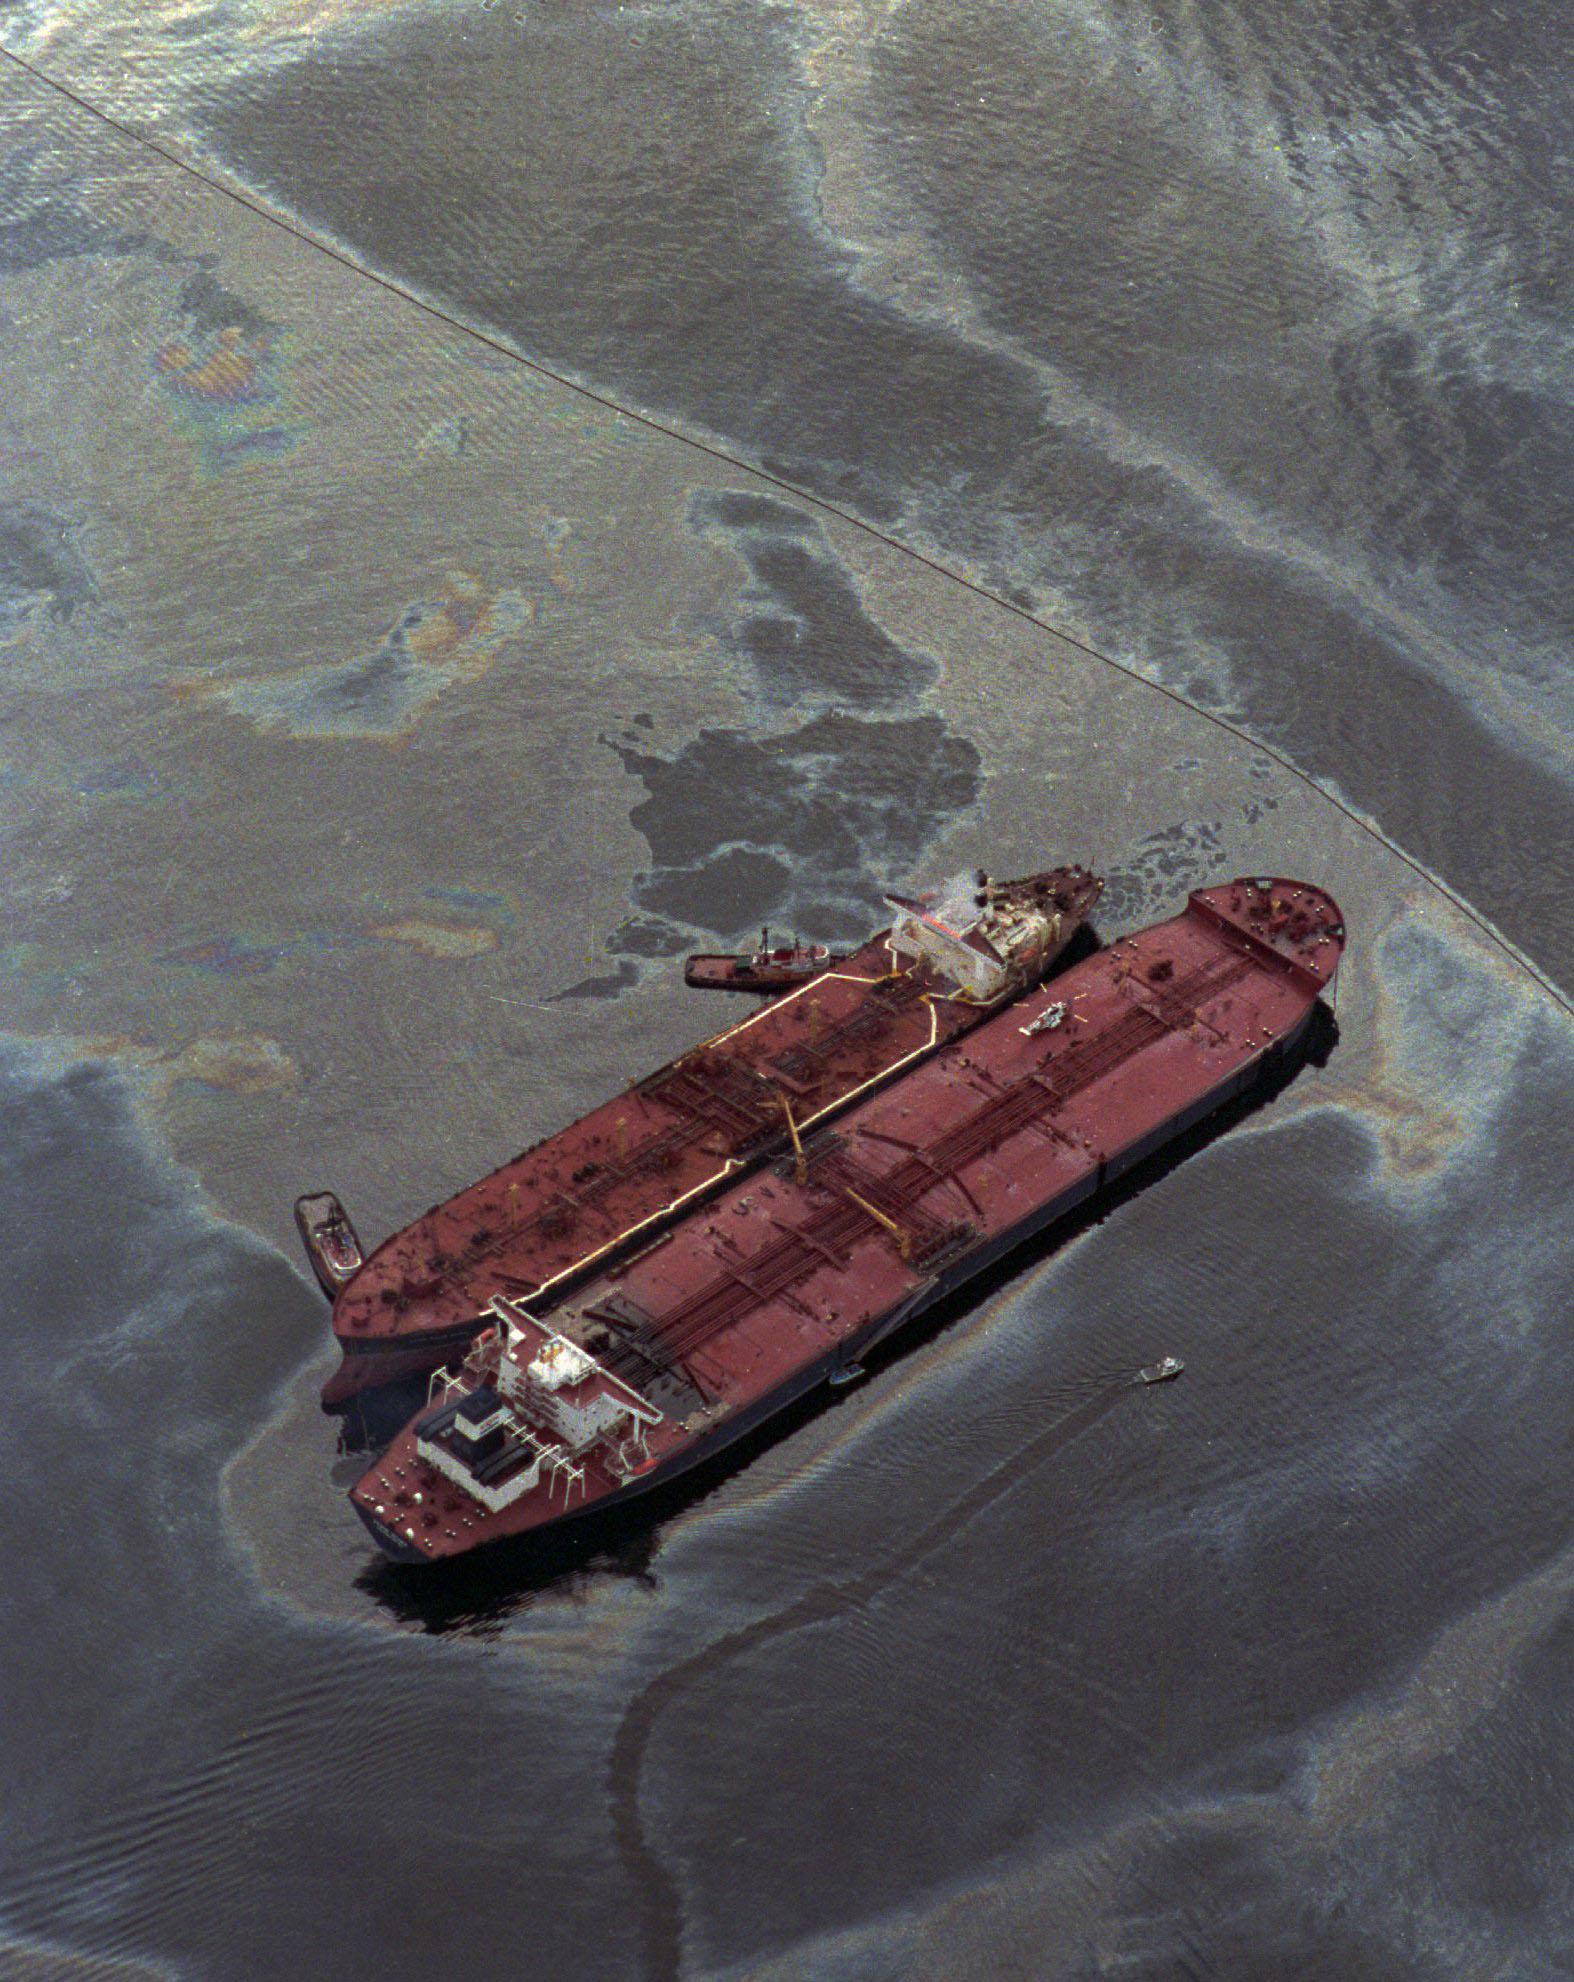 艾克森瓦爾迪玆號油輪觸礁溢出大量原油,另一艘油輪 Exxon Baton Rouge  (左),從瓦爾迪玆號抽取原油。圖:美聯社